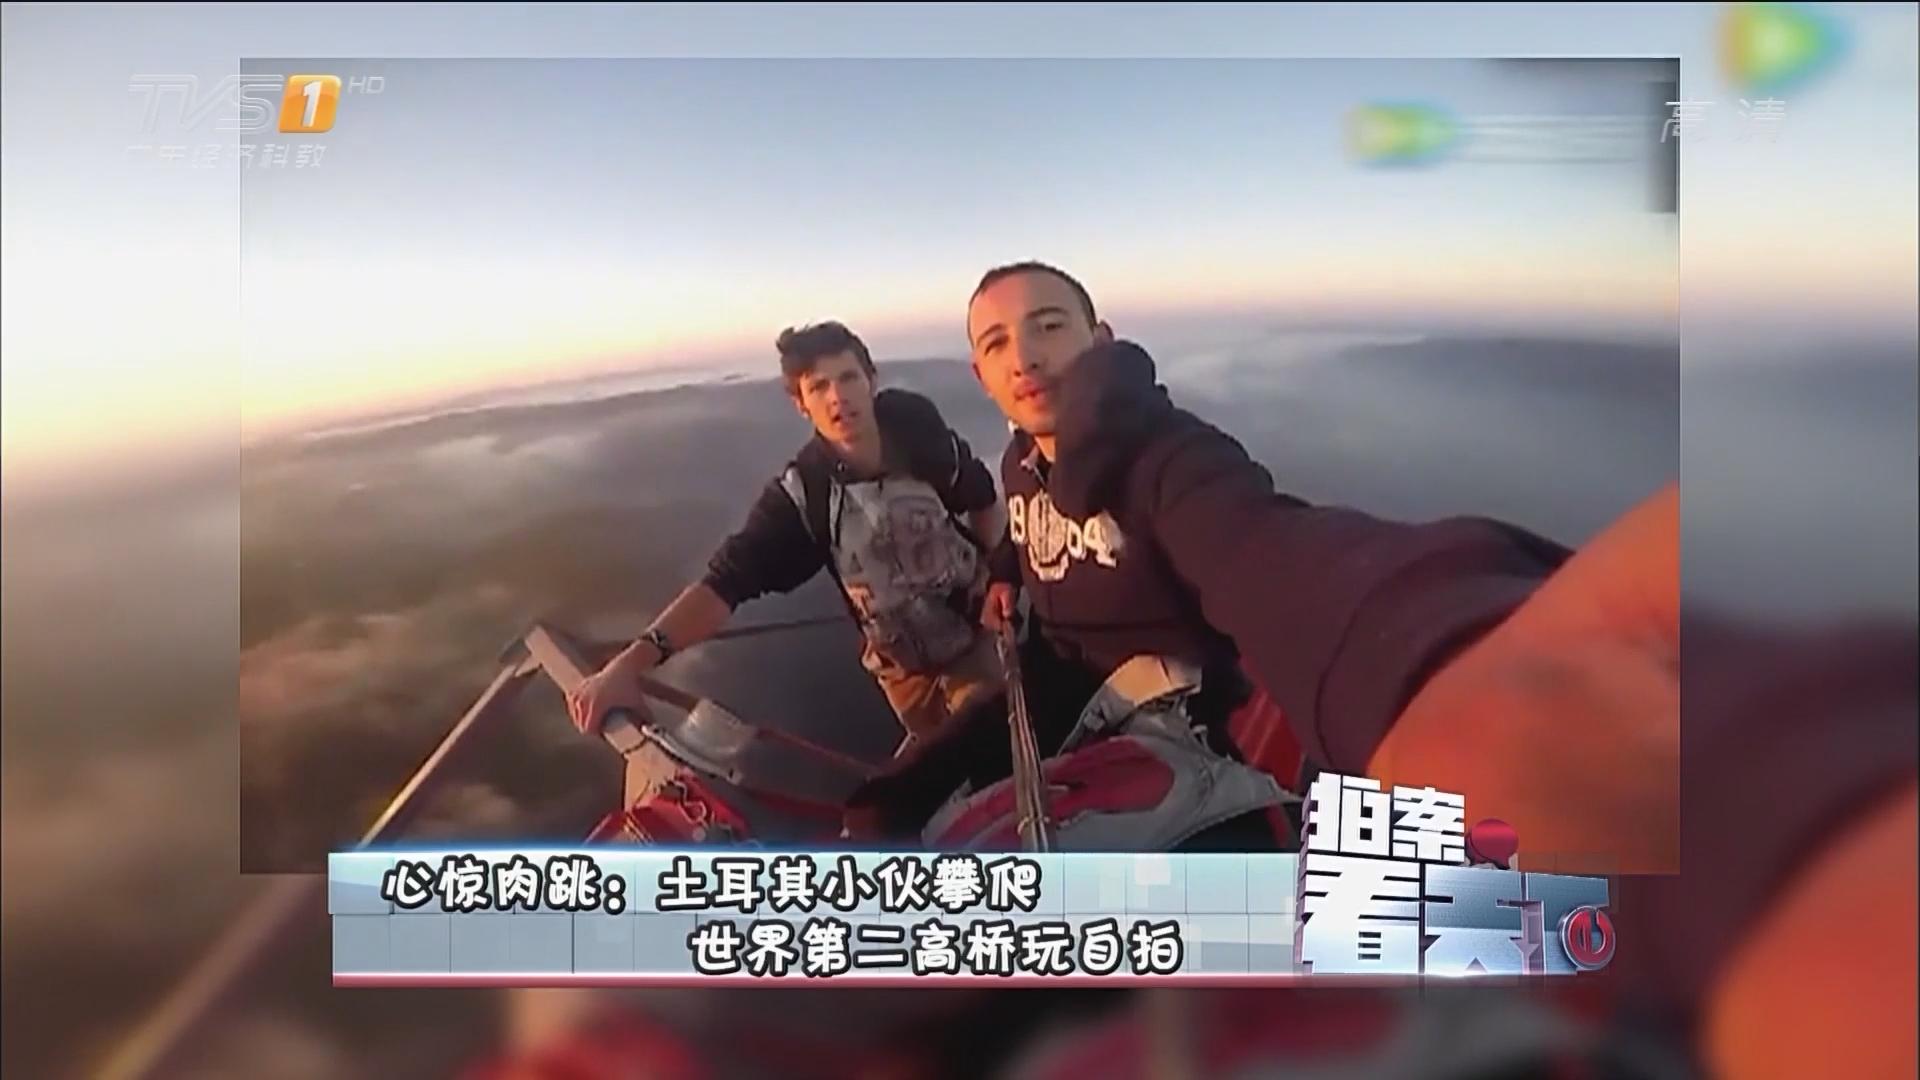 心惊肉跳:土耳其小伙攀爬世界第二高桥玩自拍